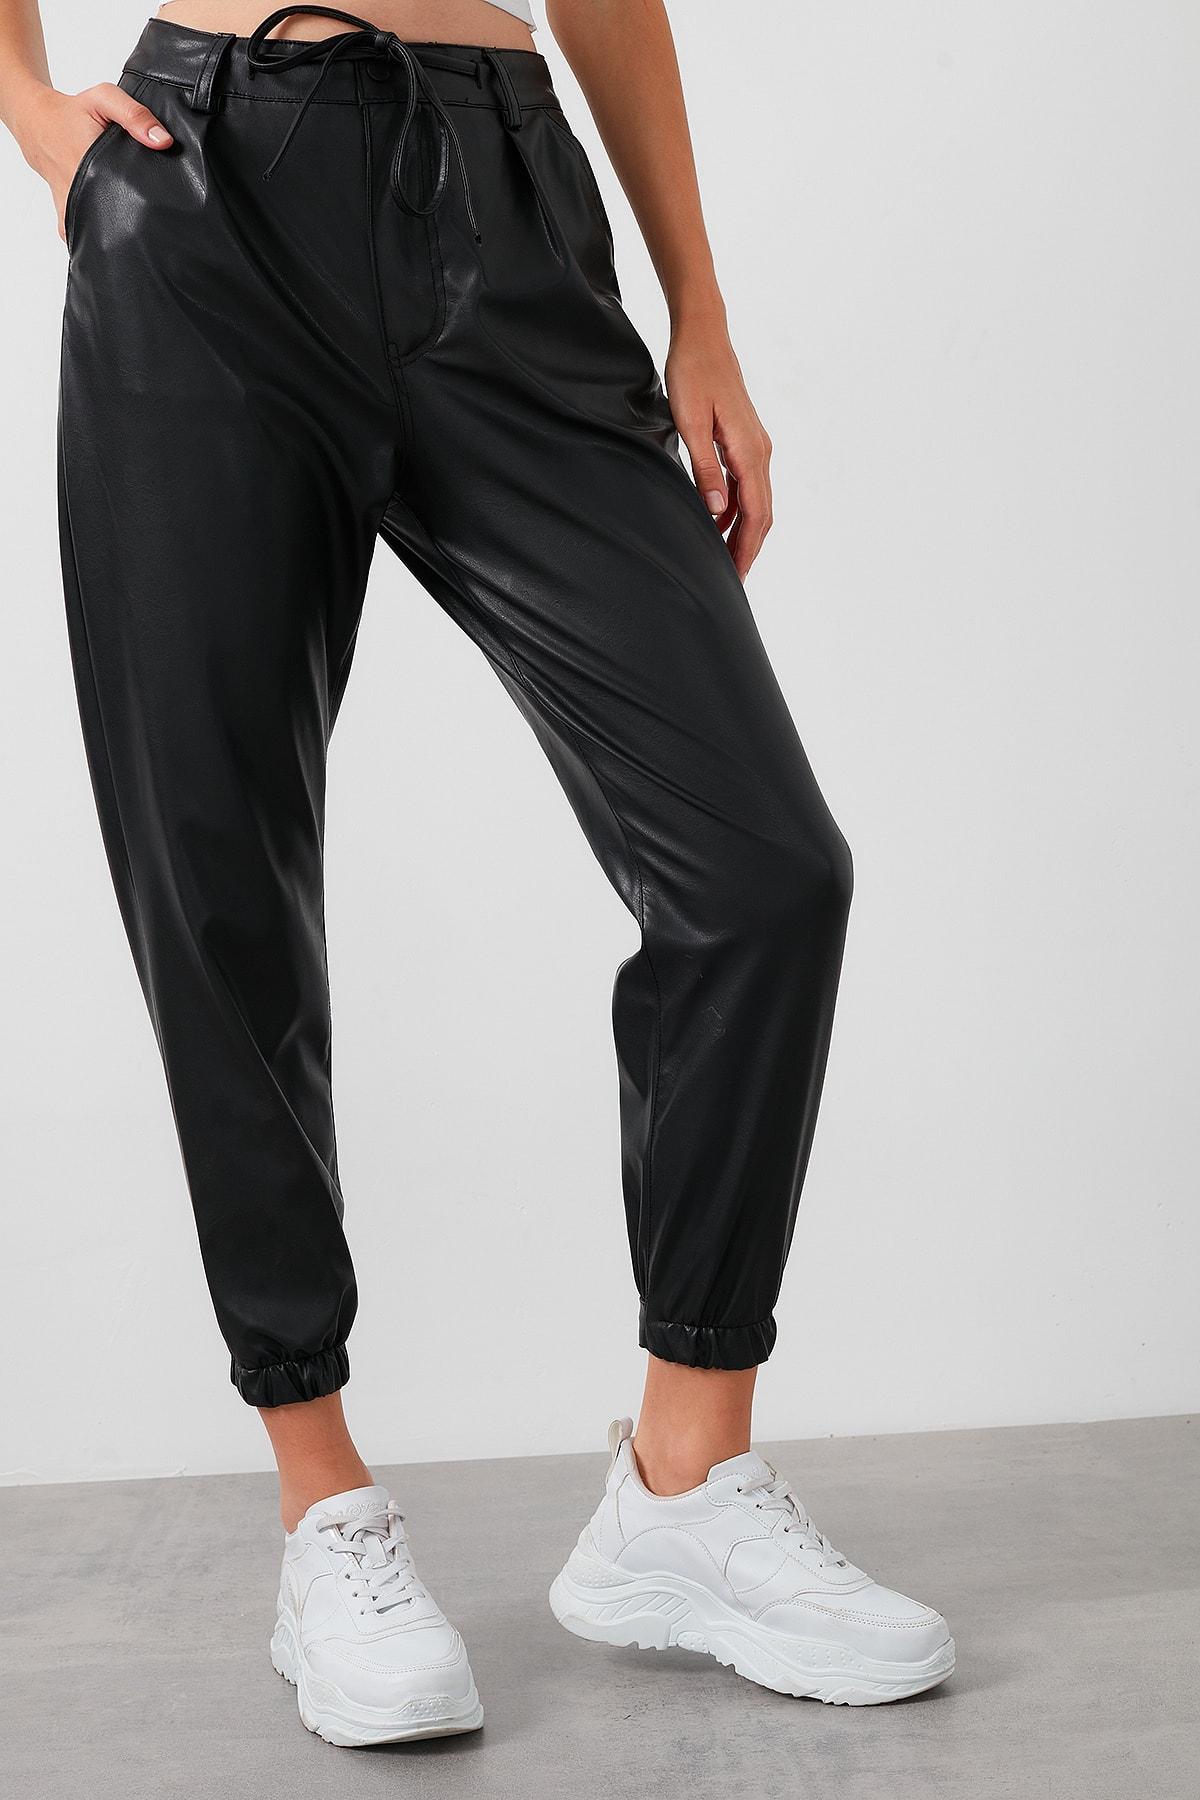 Lela Kadın Siyah Belden Bağlamalı Paçası Lastikli Suni Deri Pantolon 2